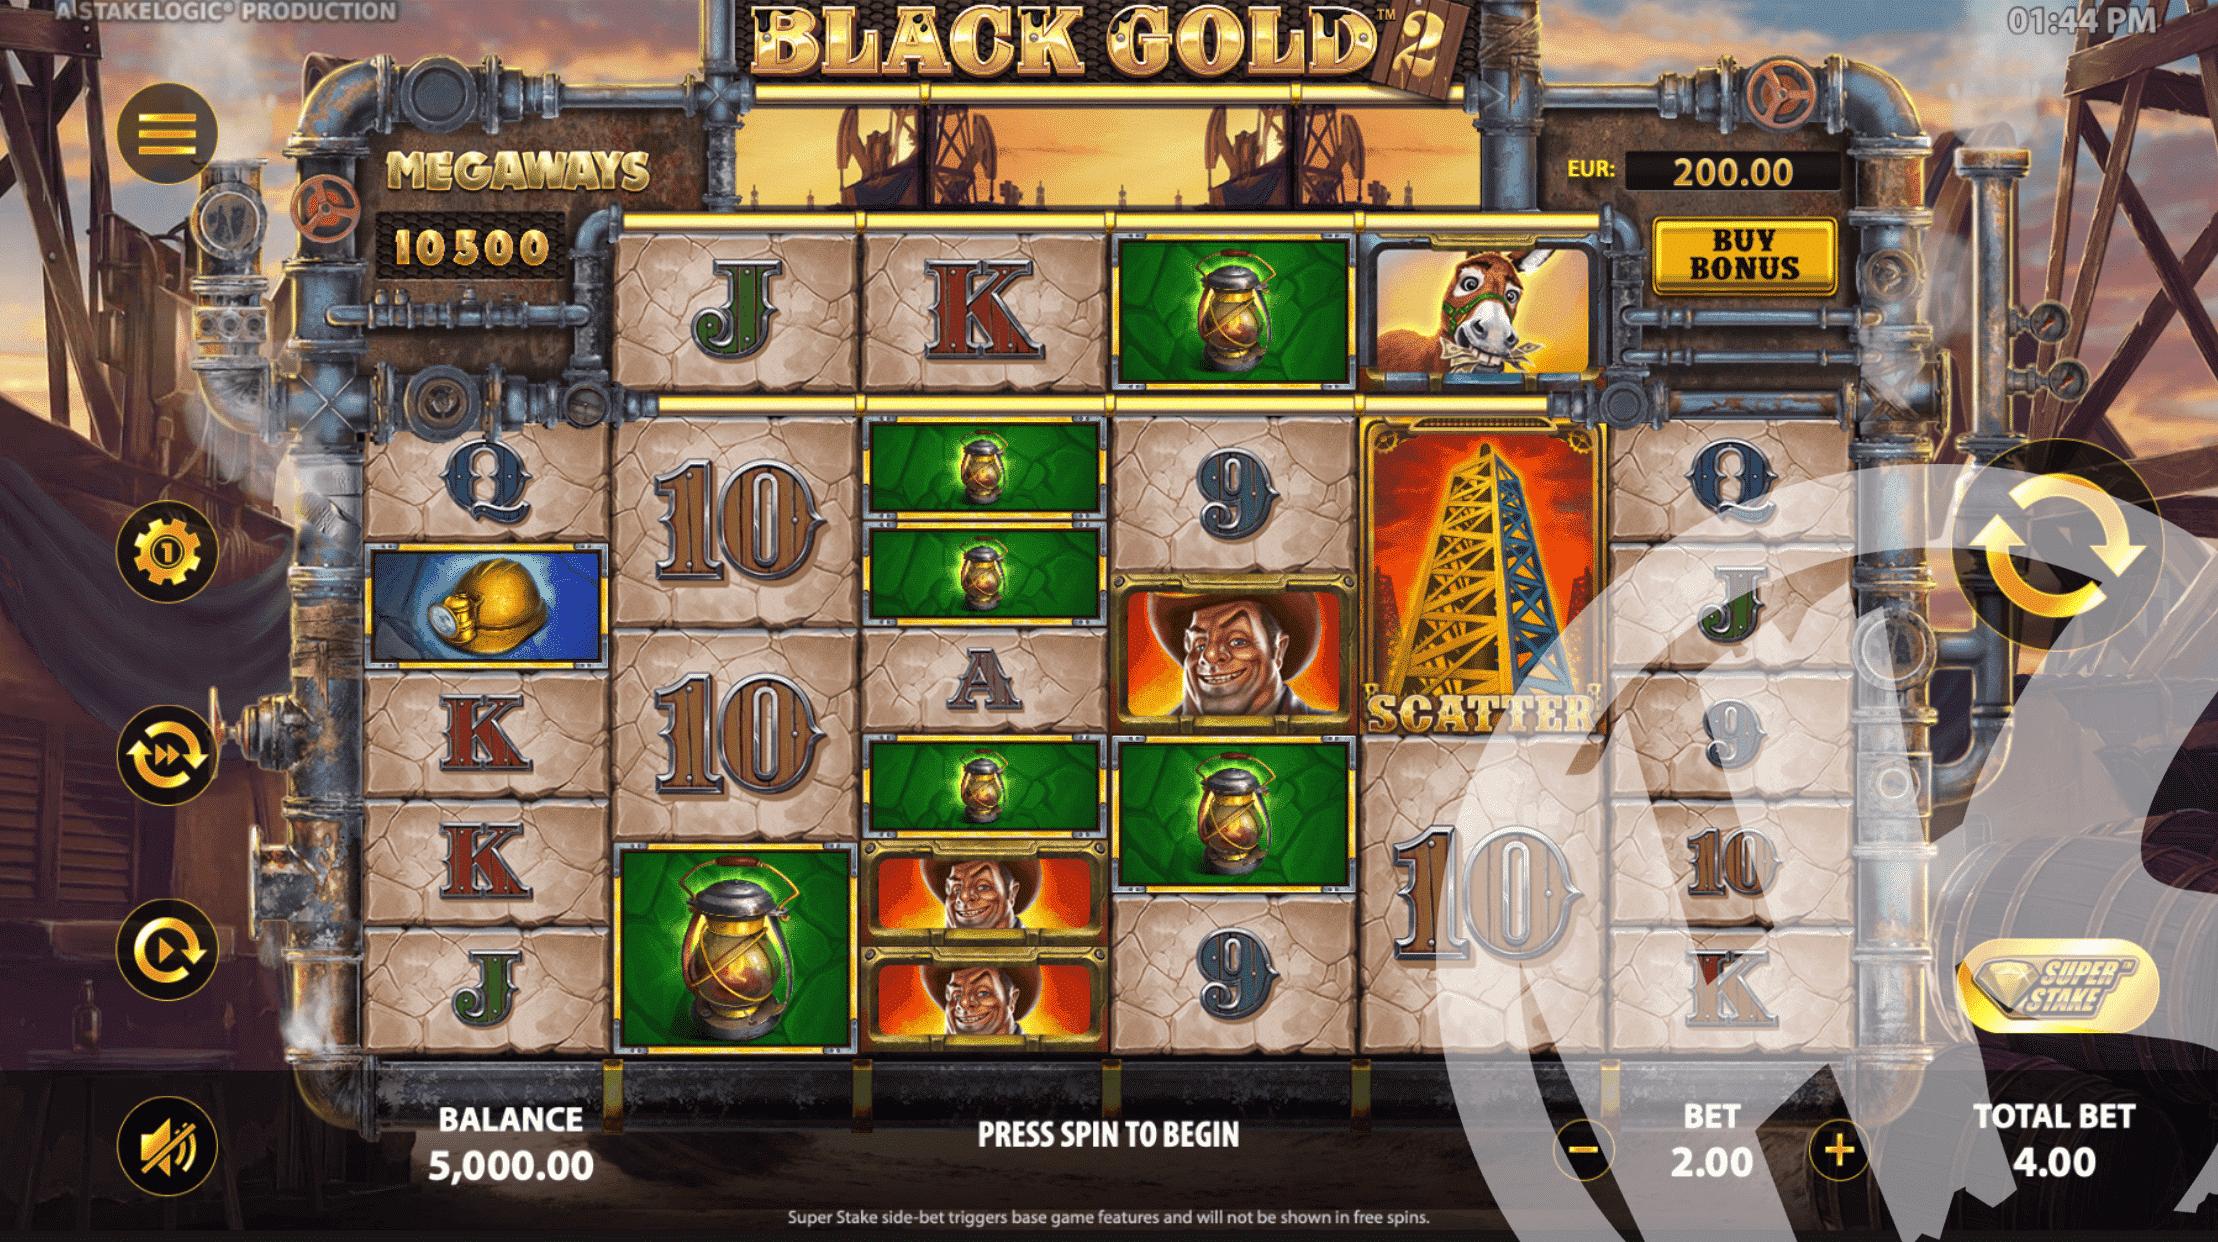 Black Gold 2 Megaways Base Game